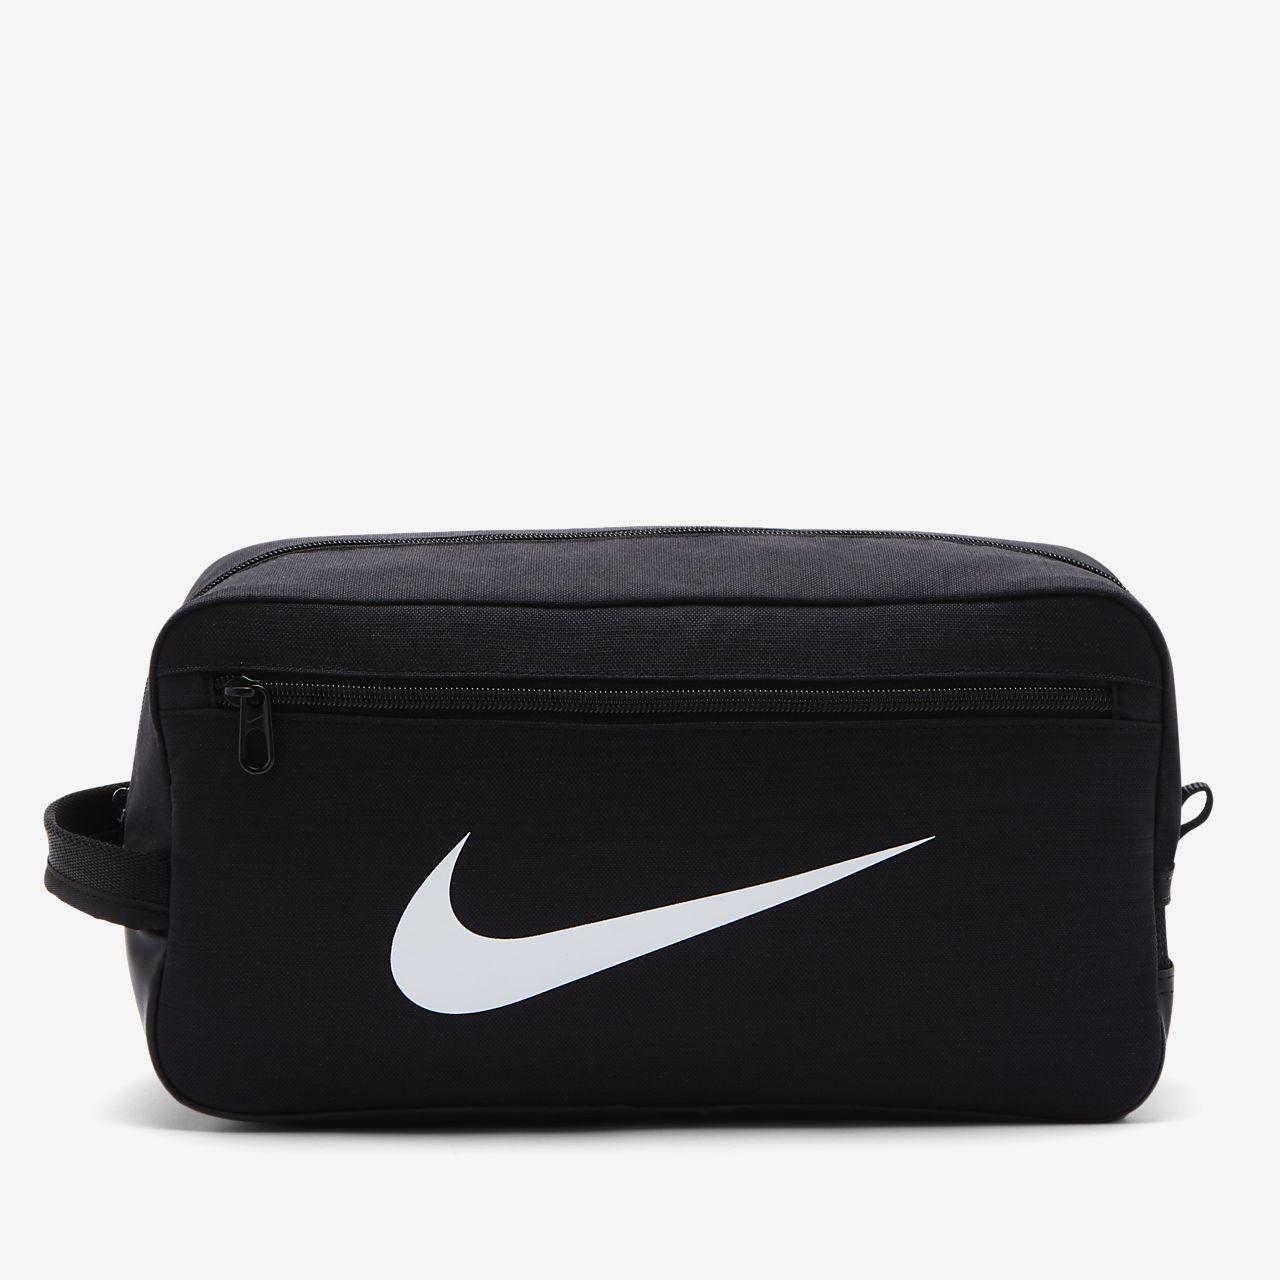 Nike Brasilia Antrenman Ayakkabı Çantası